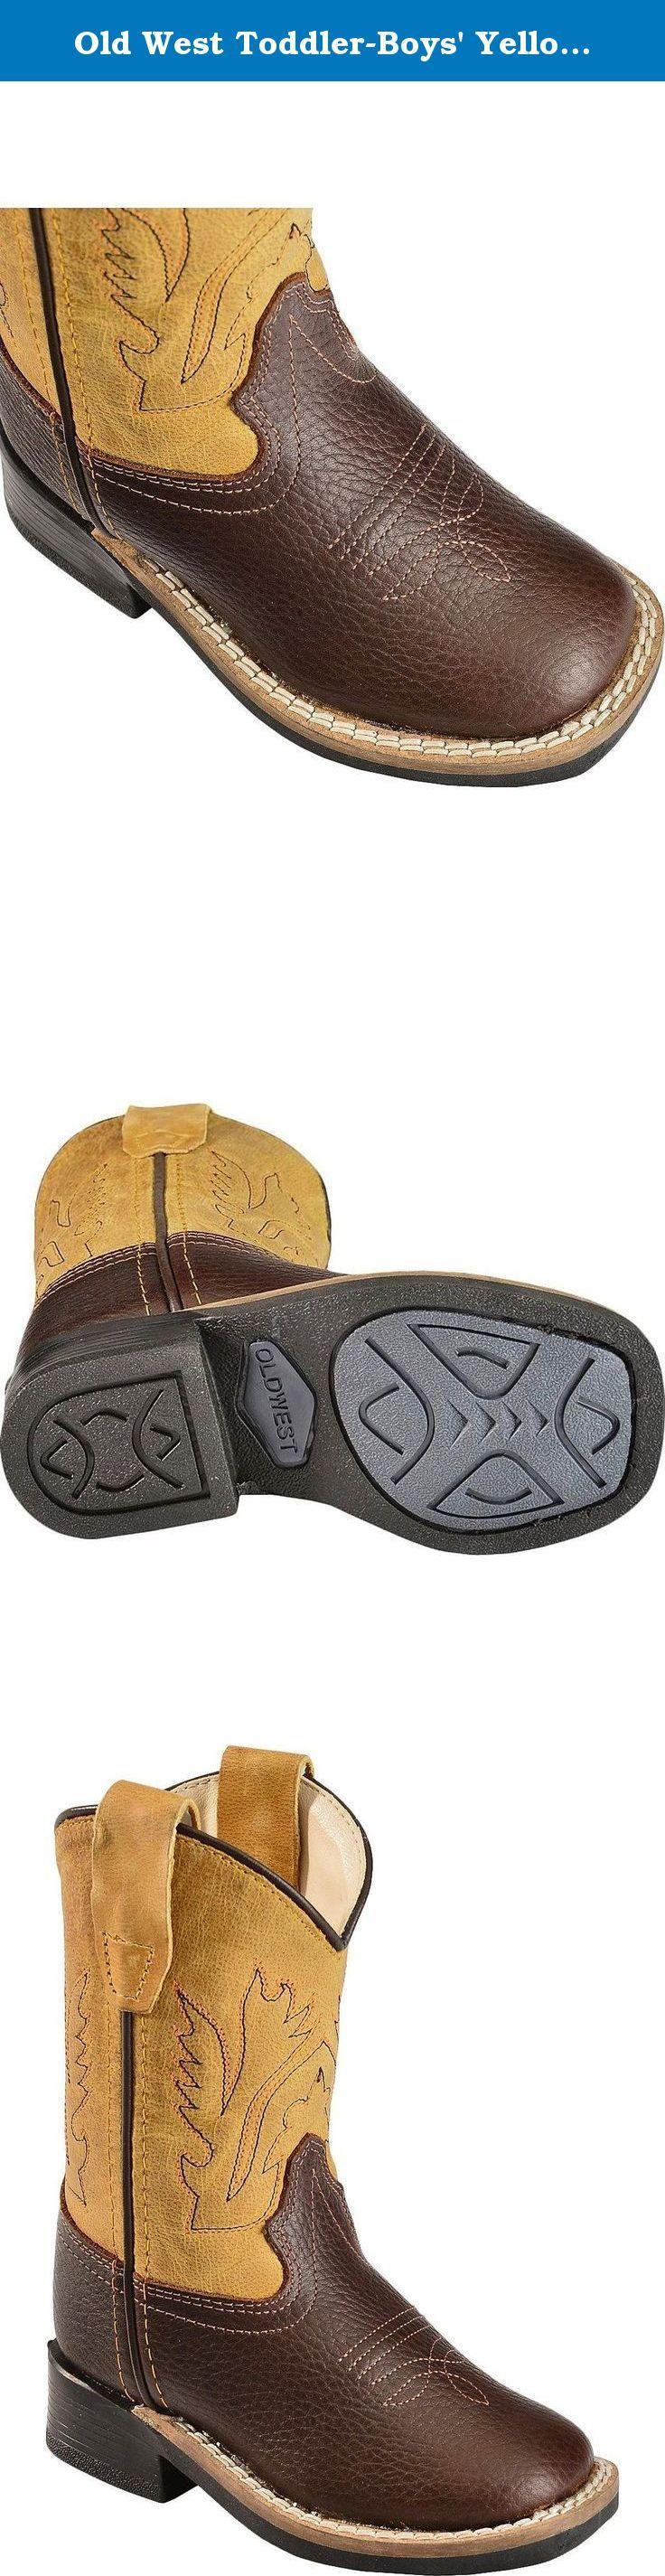 Ponad 1000 pomysłów na temat: Old West Boots na Pintereście ...